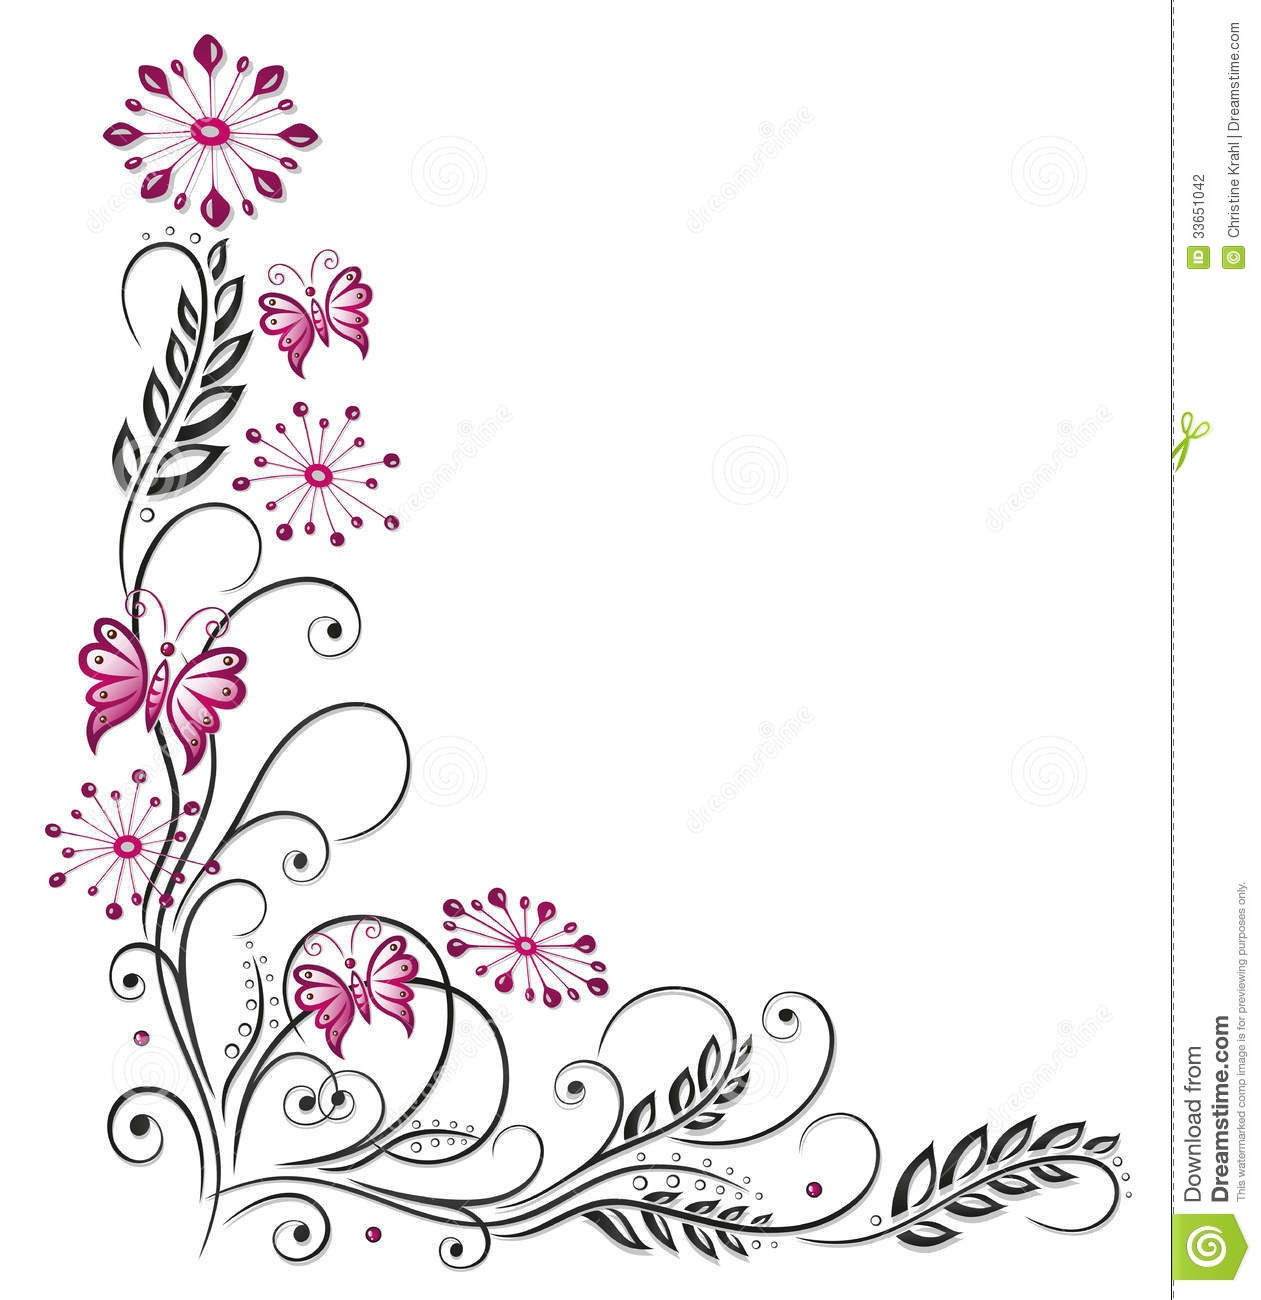 Malvorlagen Blumen Ranken Einzigartig Malvorlagen Blumen Ranken Inspirierend Malvorlagen Bilder Frisch Bild